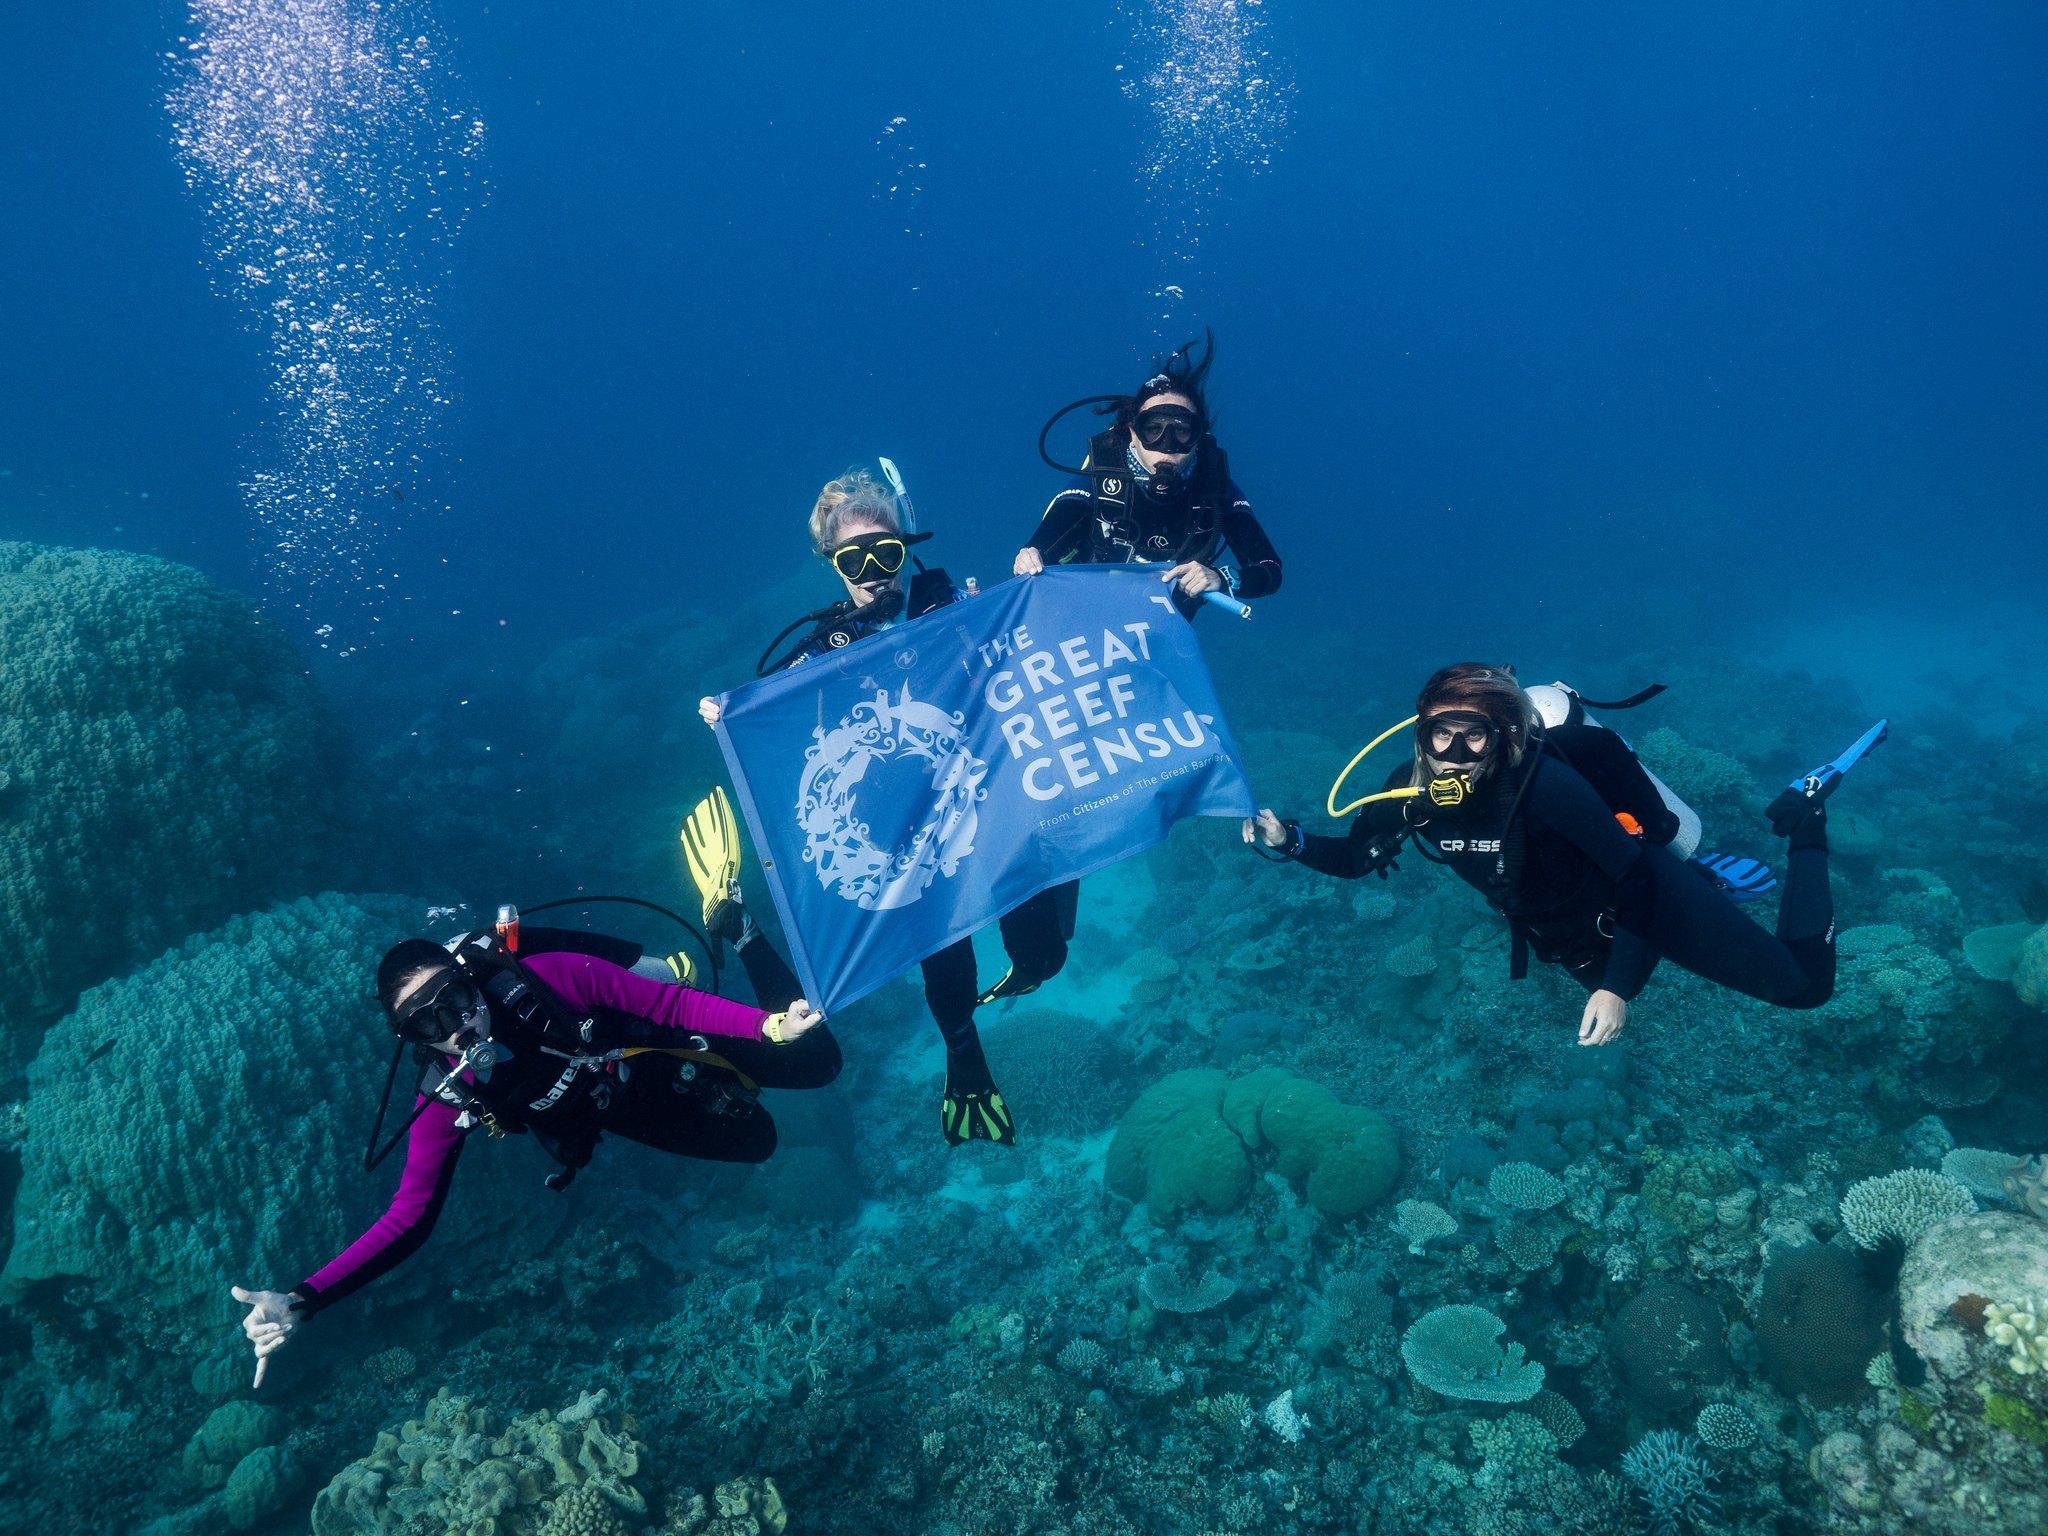 Tehnologia Edge oferă oamenilor de știință și voluntarilor șansa de a sprijini salvarea Marii Bariere de Corali